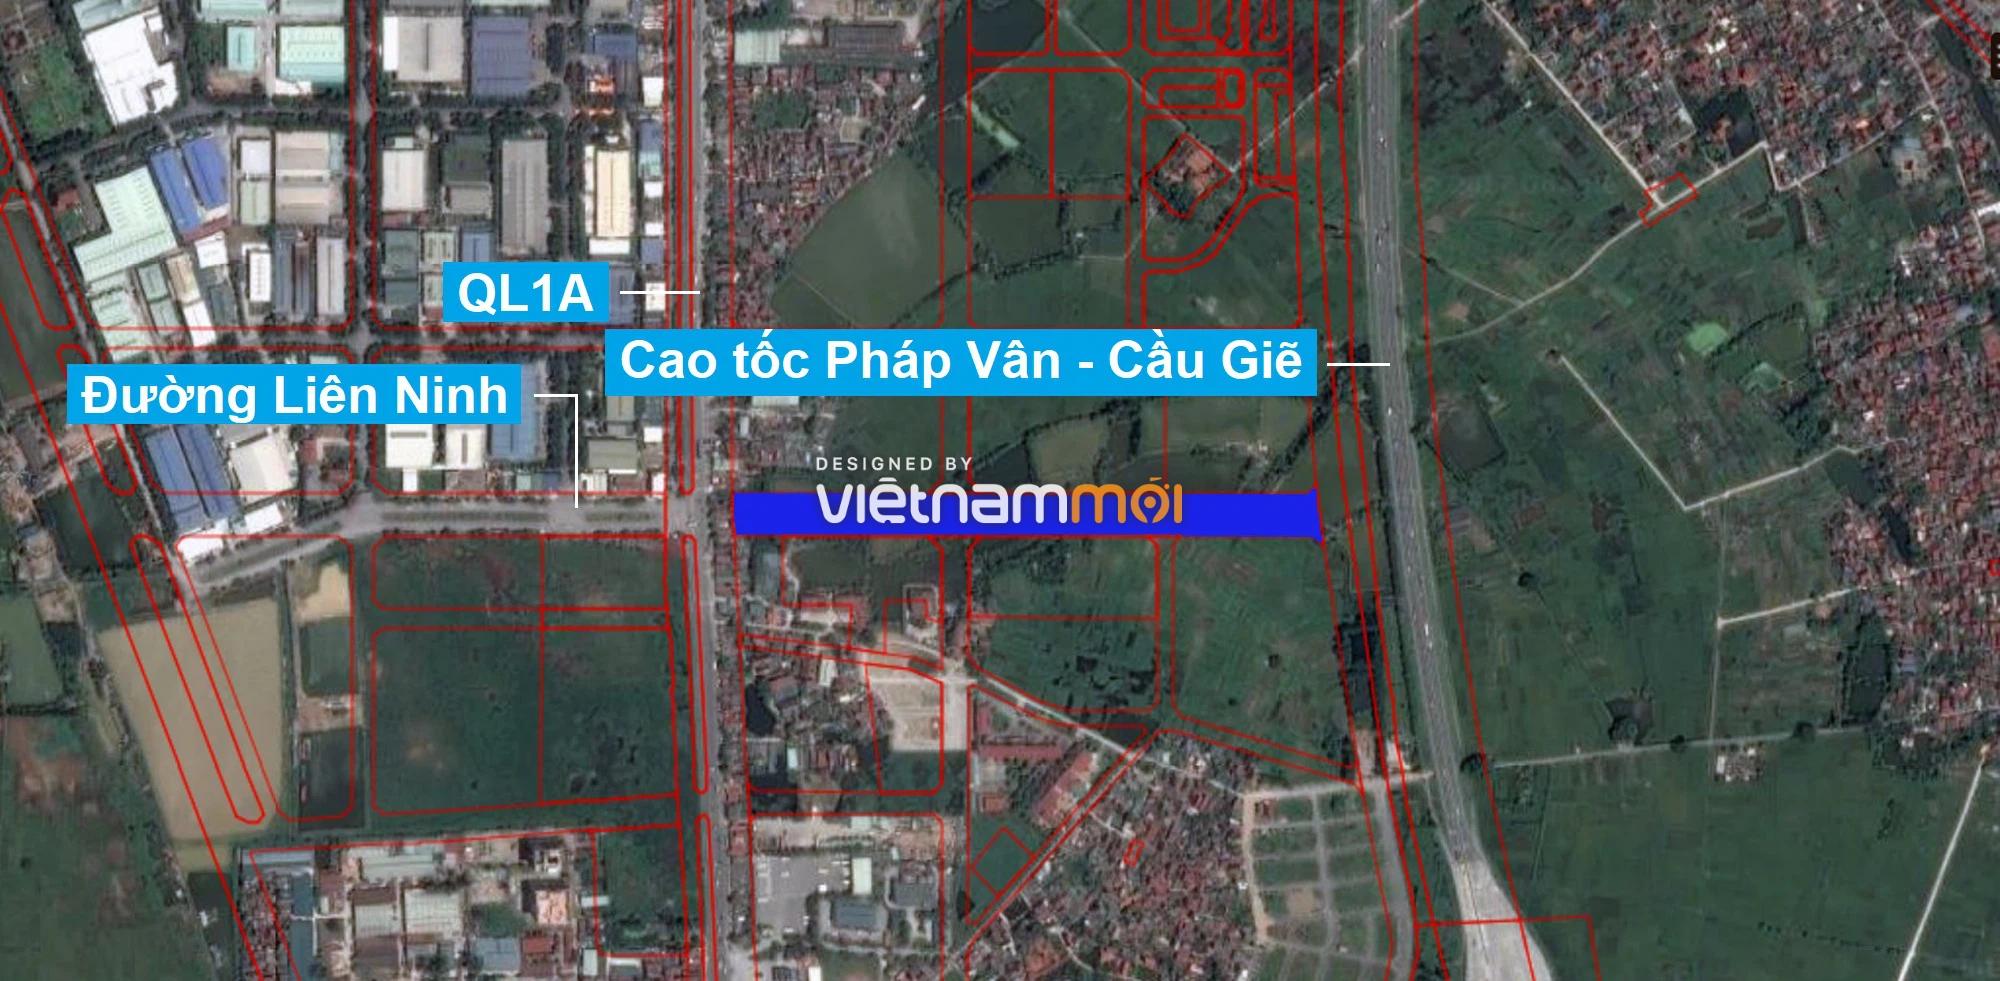 Những khu đất sắp thu hồi để mở đường ở xã Liên Ninh, Thanh Trì, Hà Nội (phần 1) - Ảnh 2.